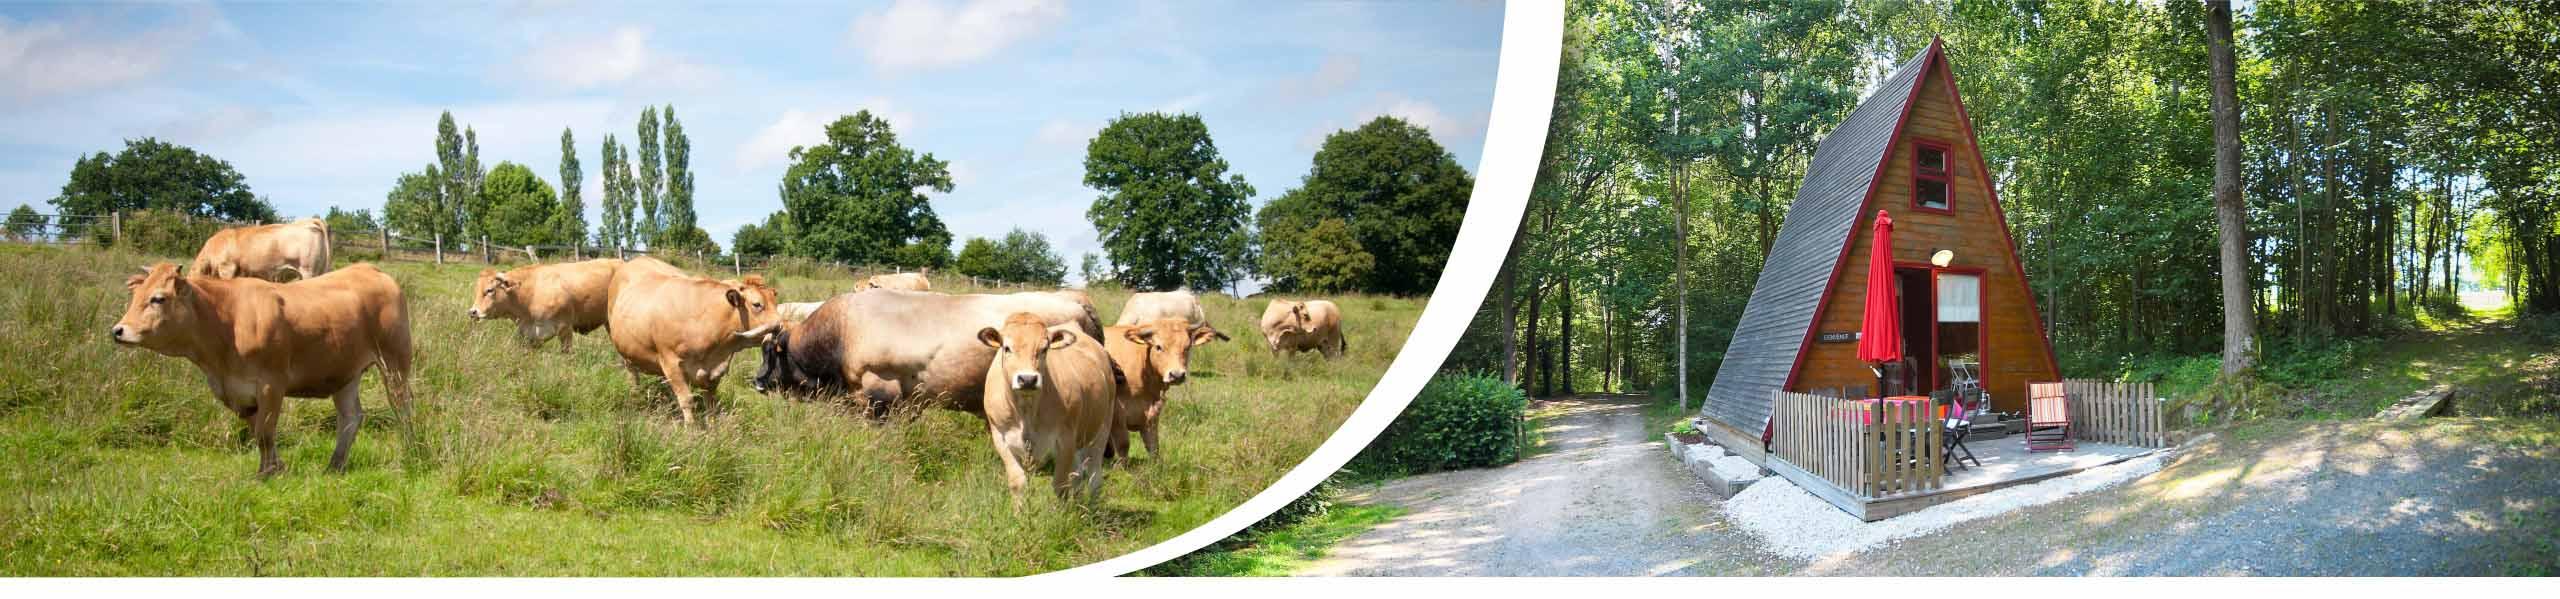 vente directe viande, ferme, lieu bellemare, gîte familial, vaches aubrac, Pays d'Auge, calvados, eure, cormeilles, lisieux, pont l'évêque, normandie